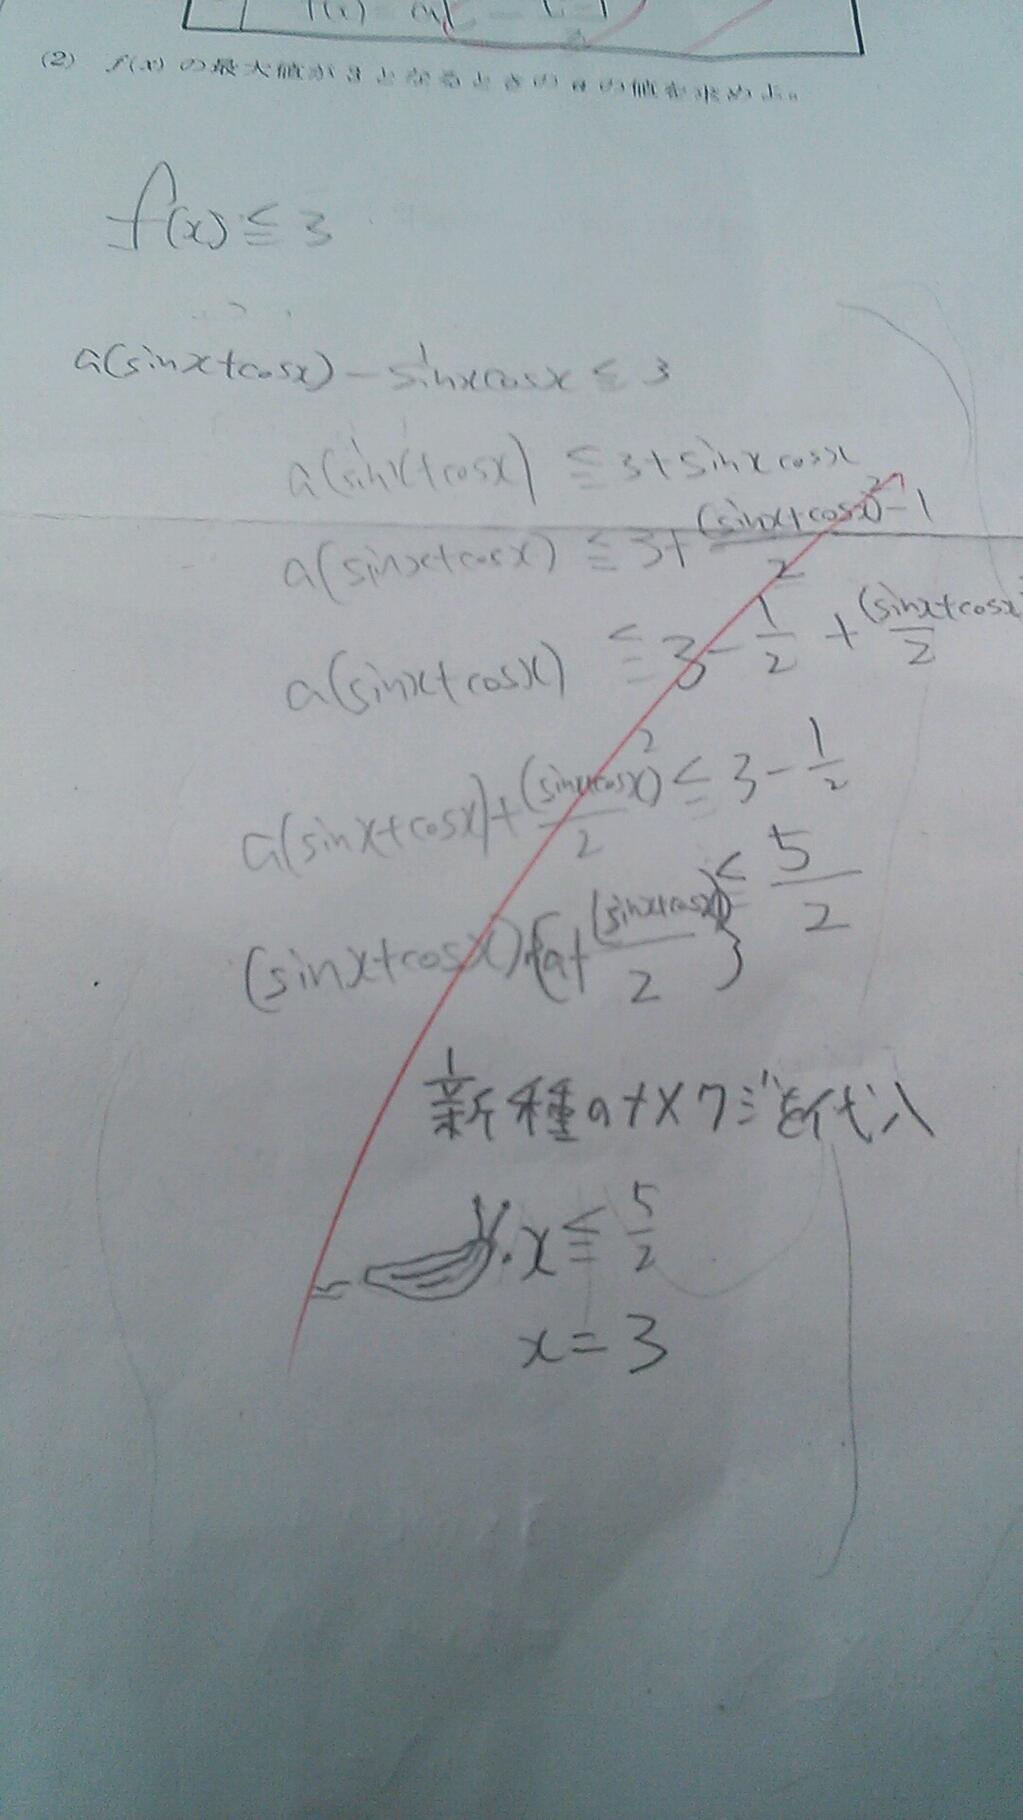 【小ネタ】「数学のテストで新種のナメクジを代入したら再々追試を食らった」と話題